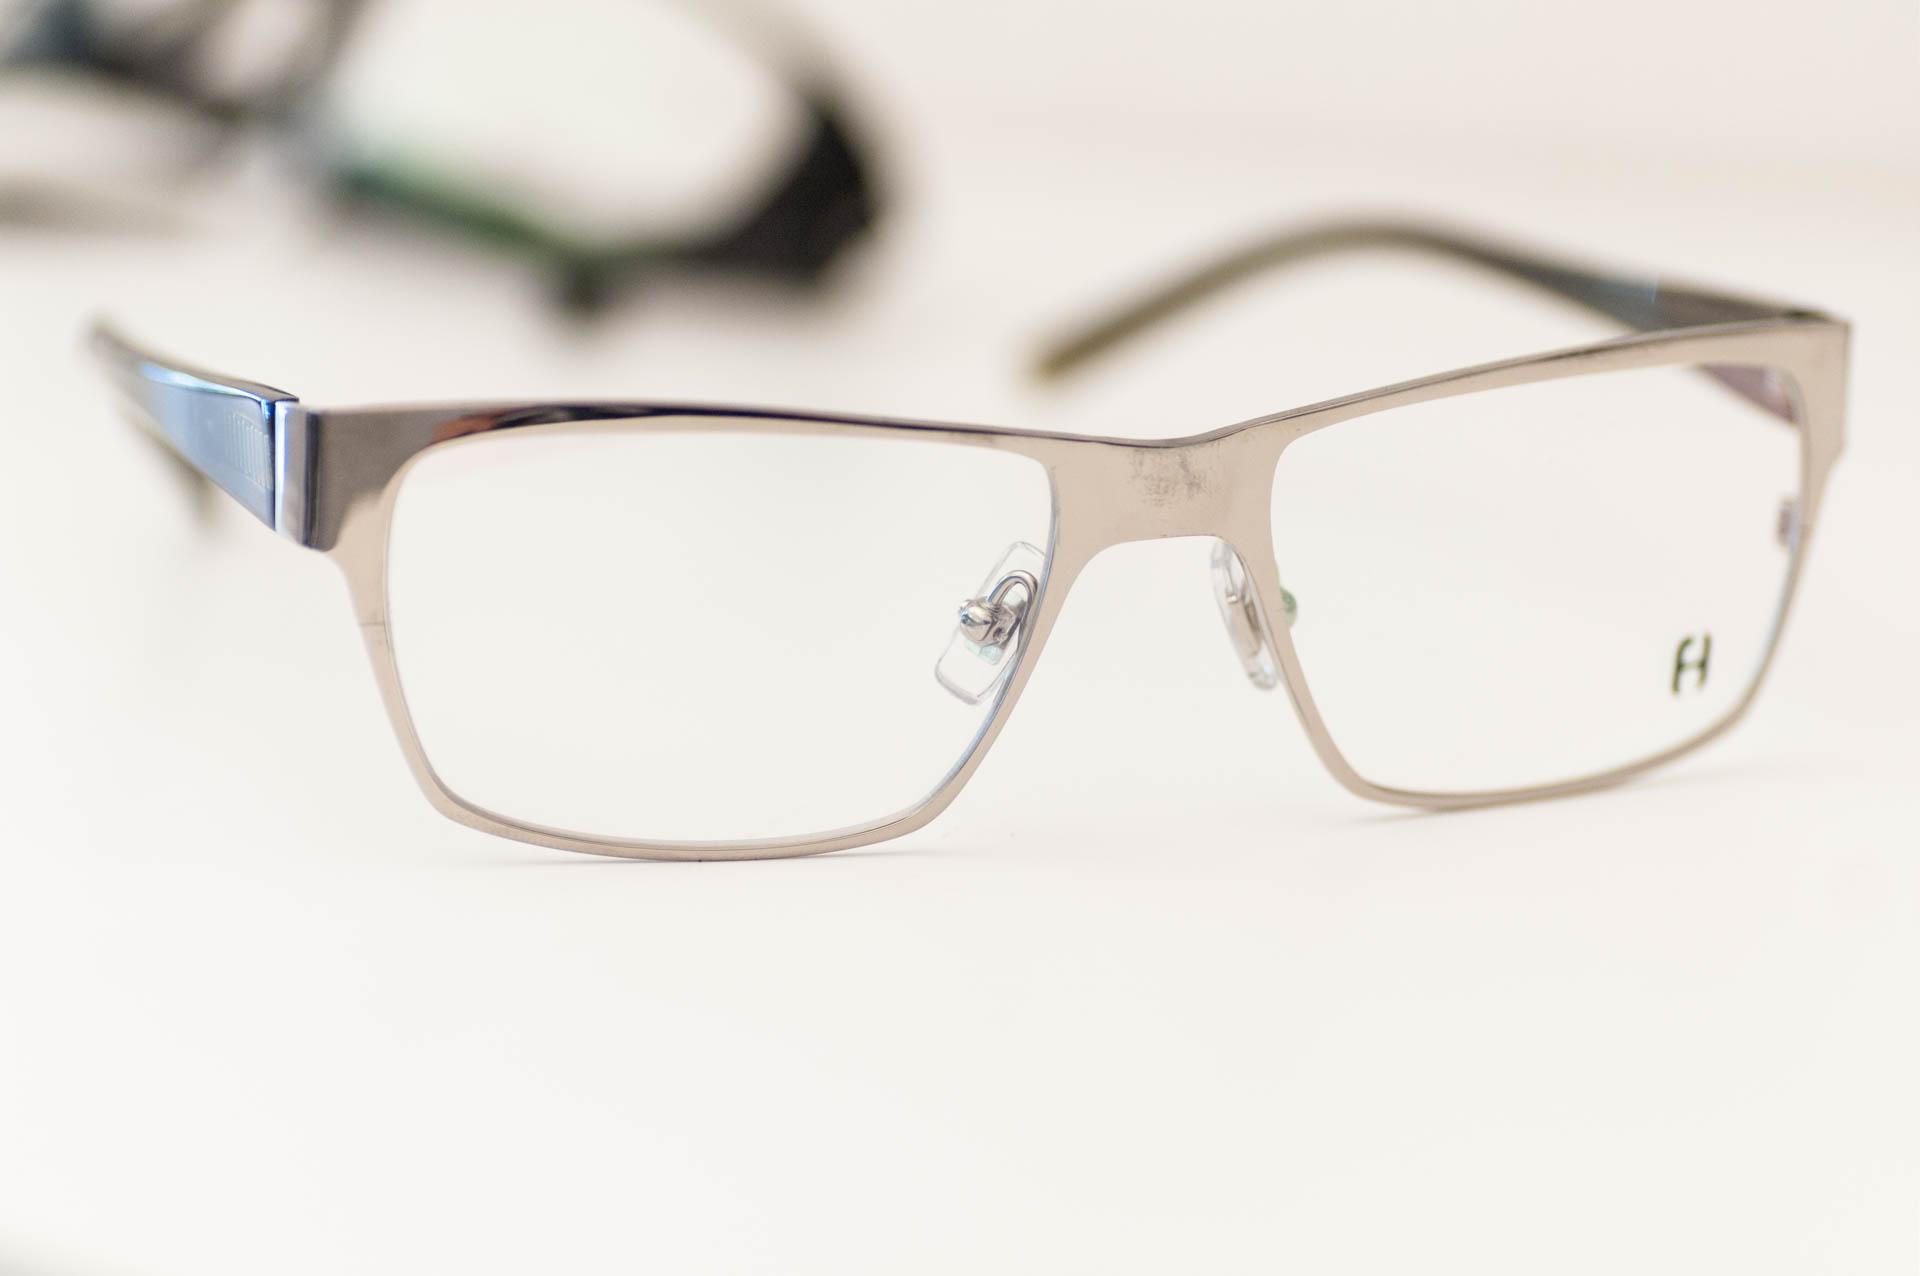 Brillen- und Sonnenbrillen nach Maß mit besten Komfort und Preis